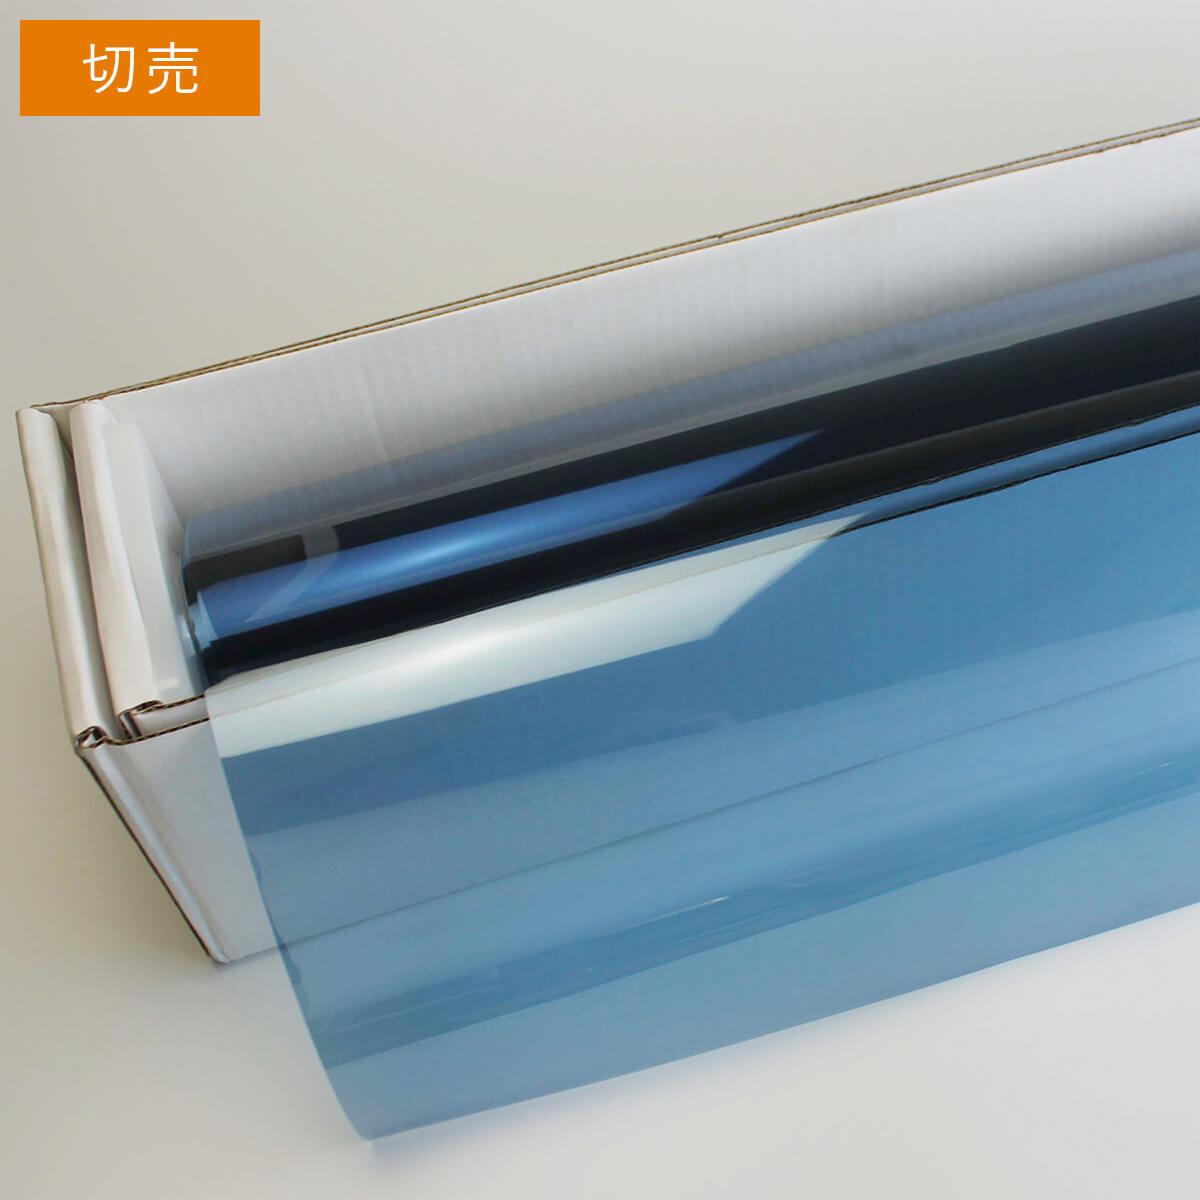 【ウィンドウフィルム】【カラーフィルム】HPブルーメタル35(38%) 1m幅×長さ1m単位切売